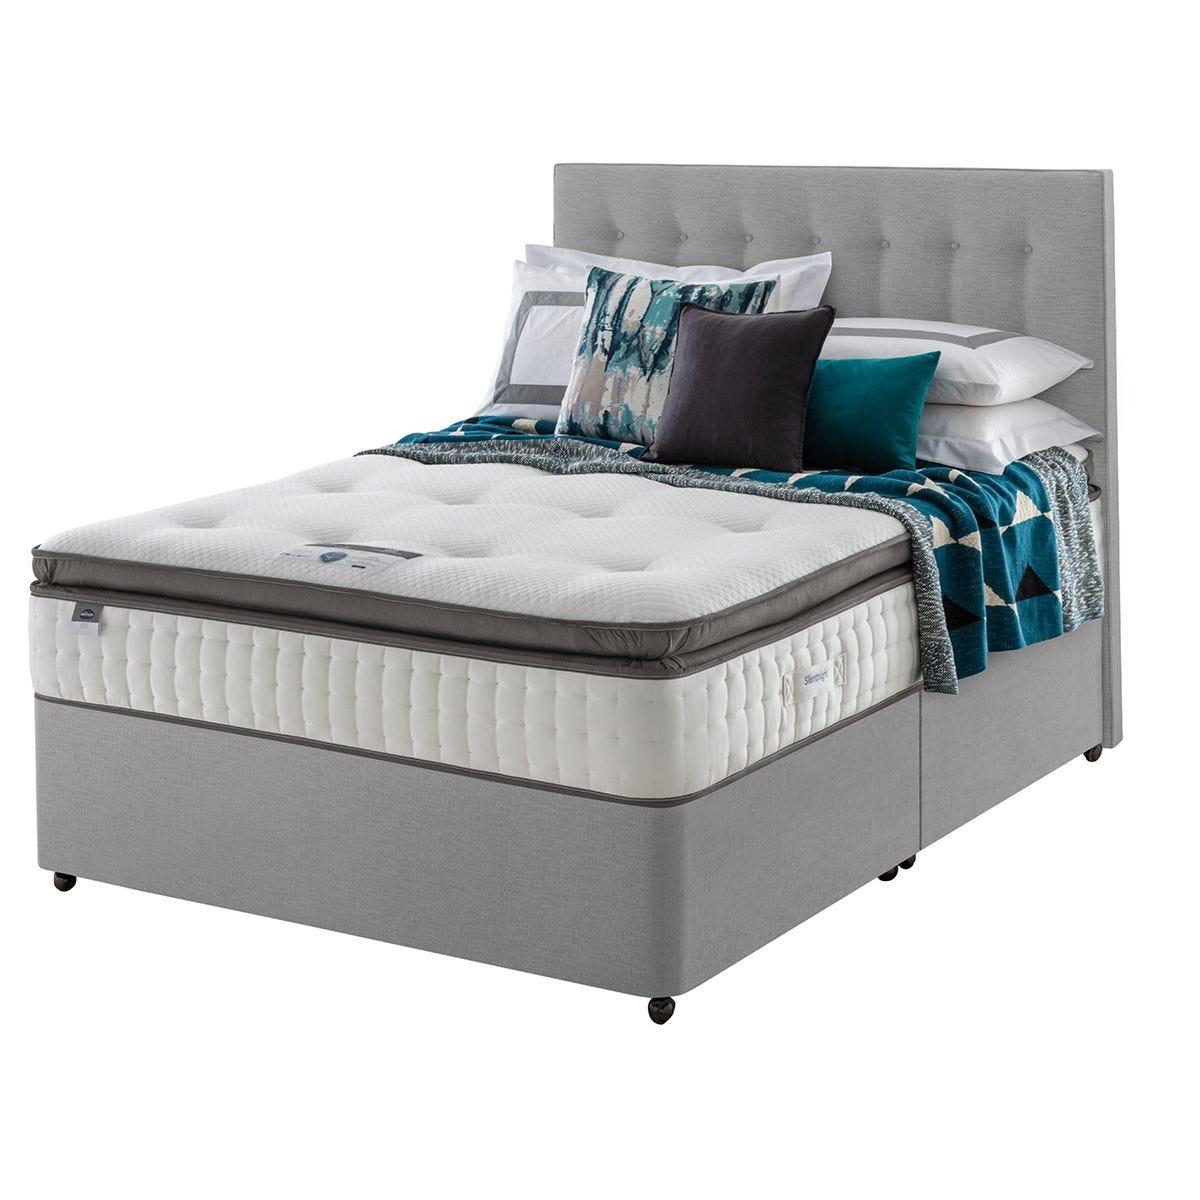 Silentnight Mirapocket Geltex 1000 Divan Bed - Grey